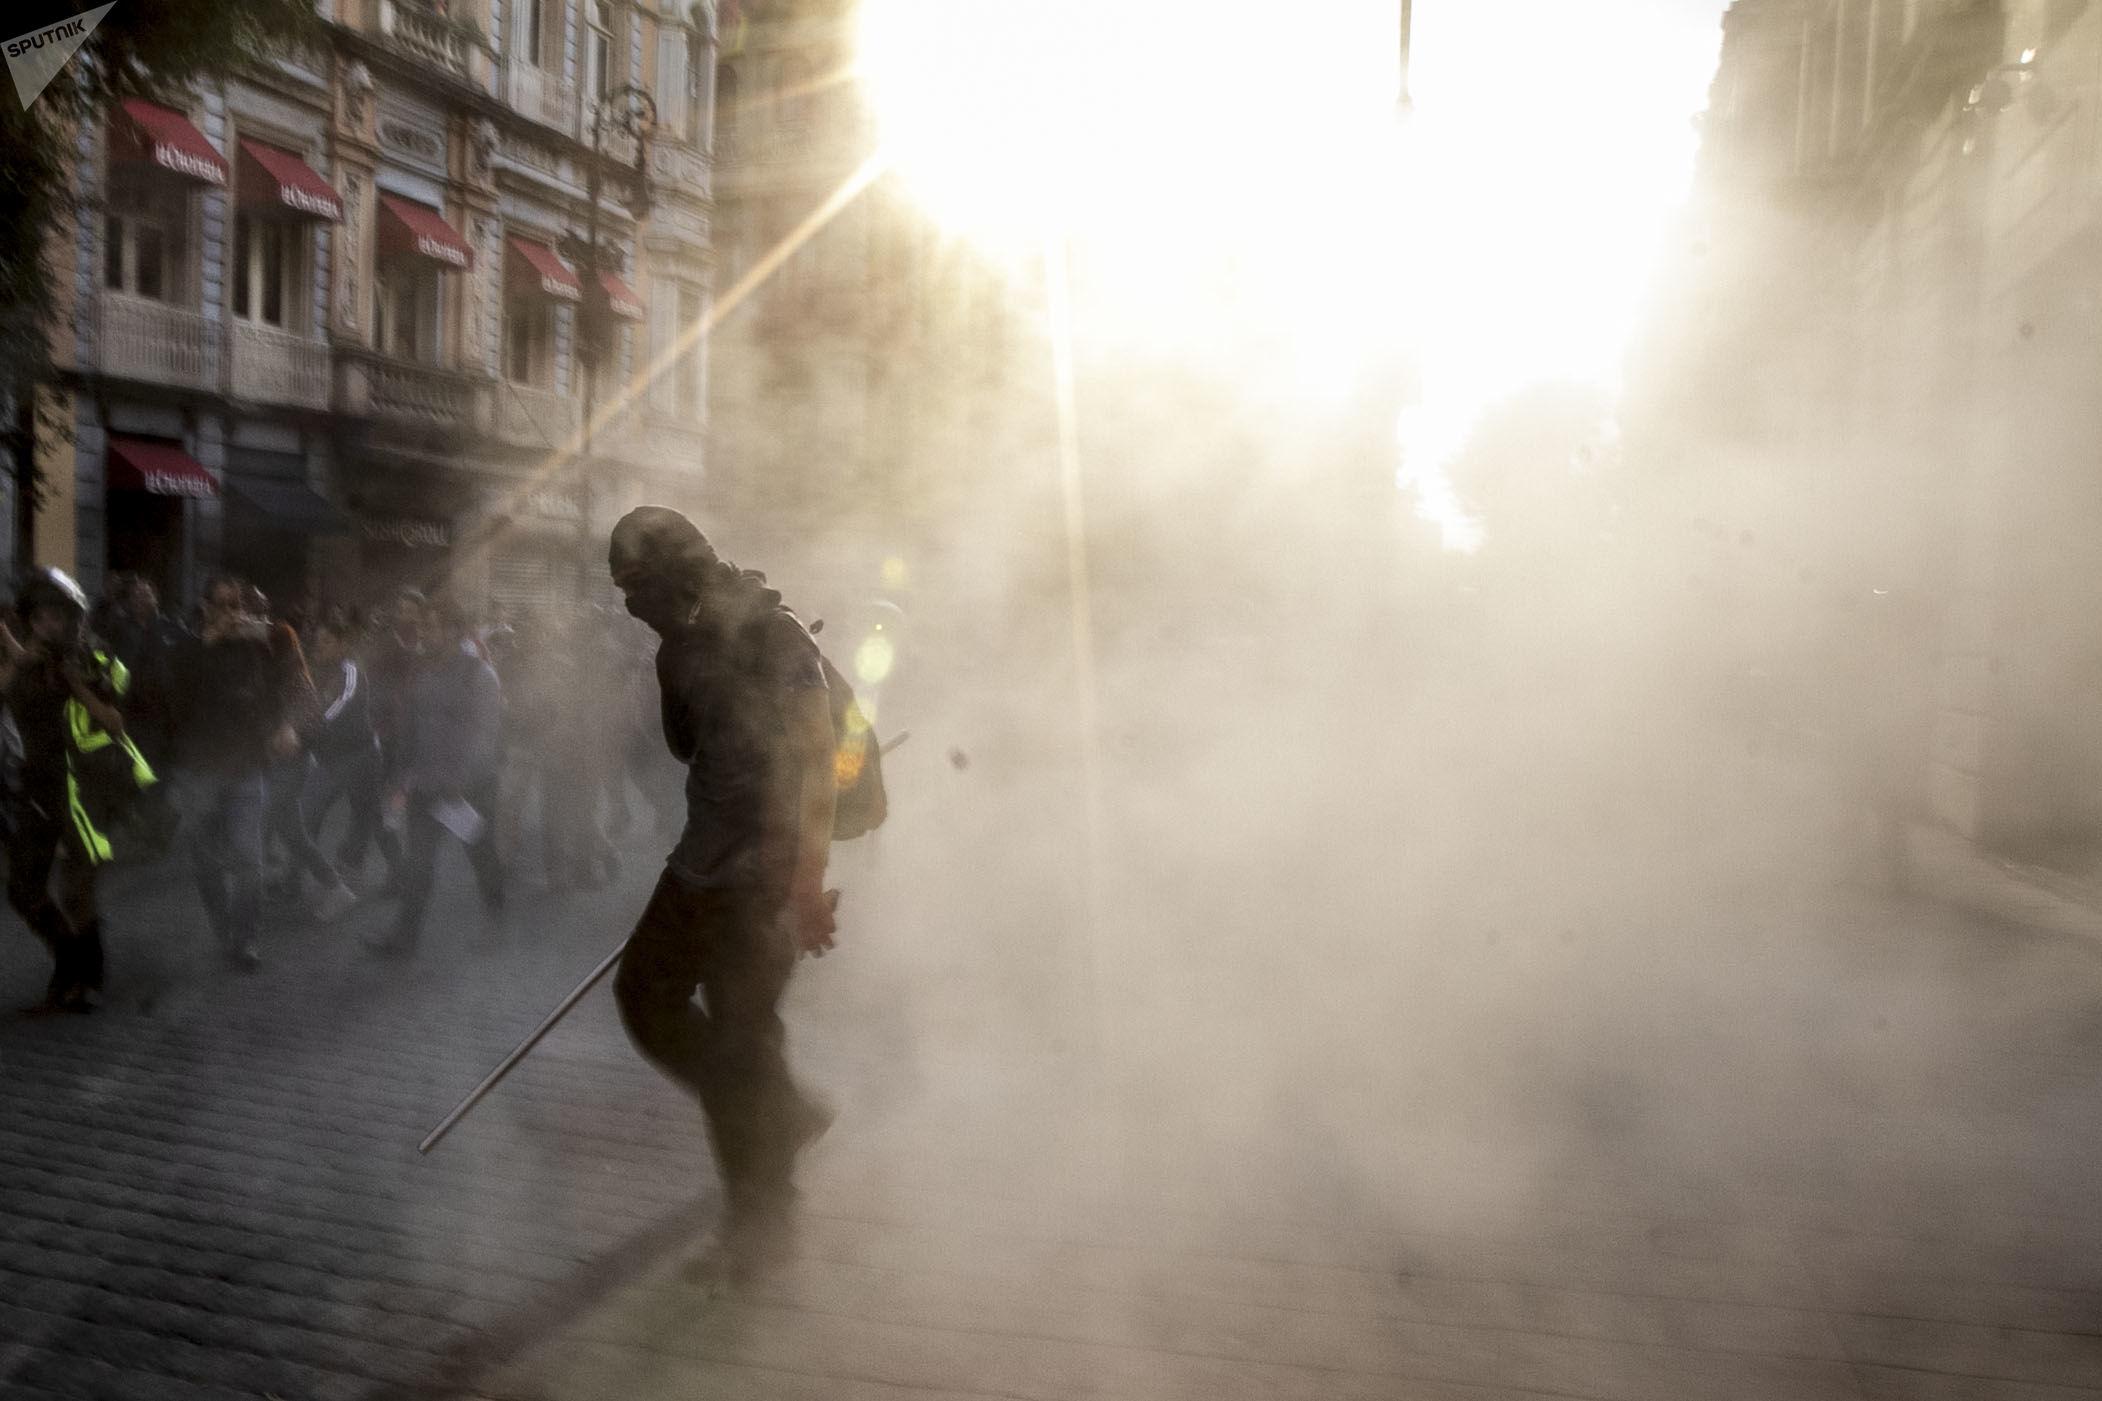 Manifestante rodeado de humo de un extintor en protesta por los cinco años de la desaparición forzada de 43 estudiantes de magisterio en el sur de México.